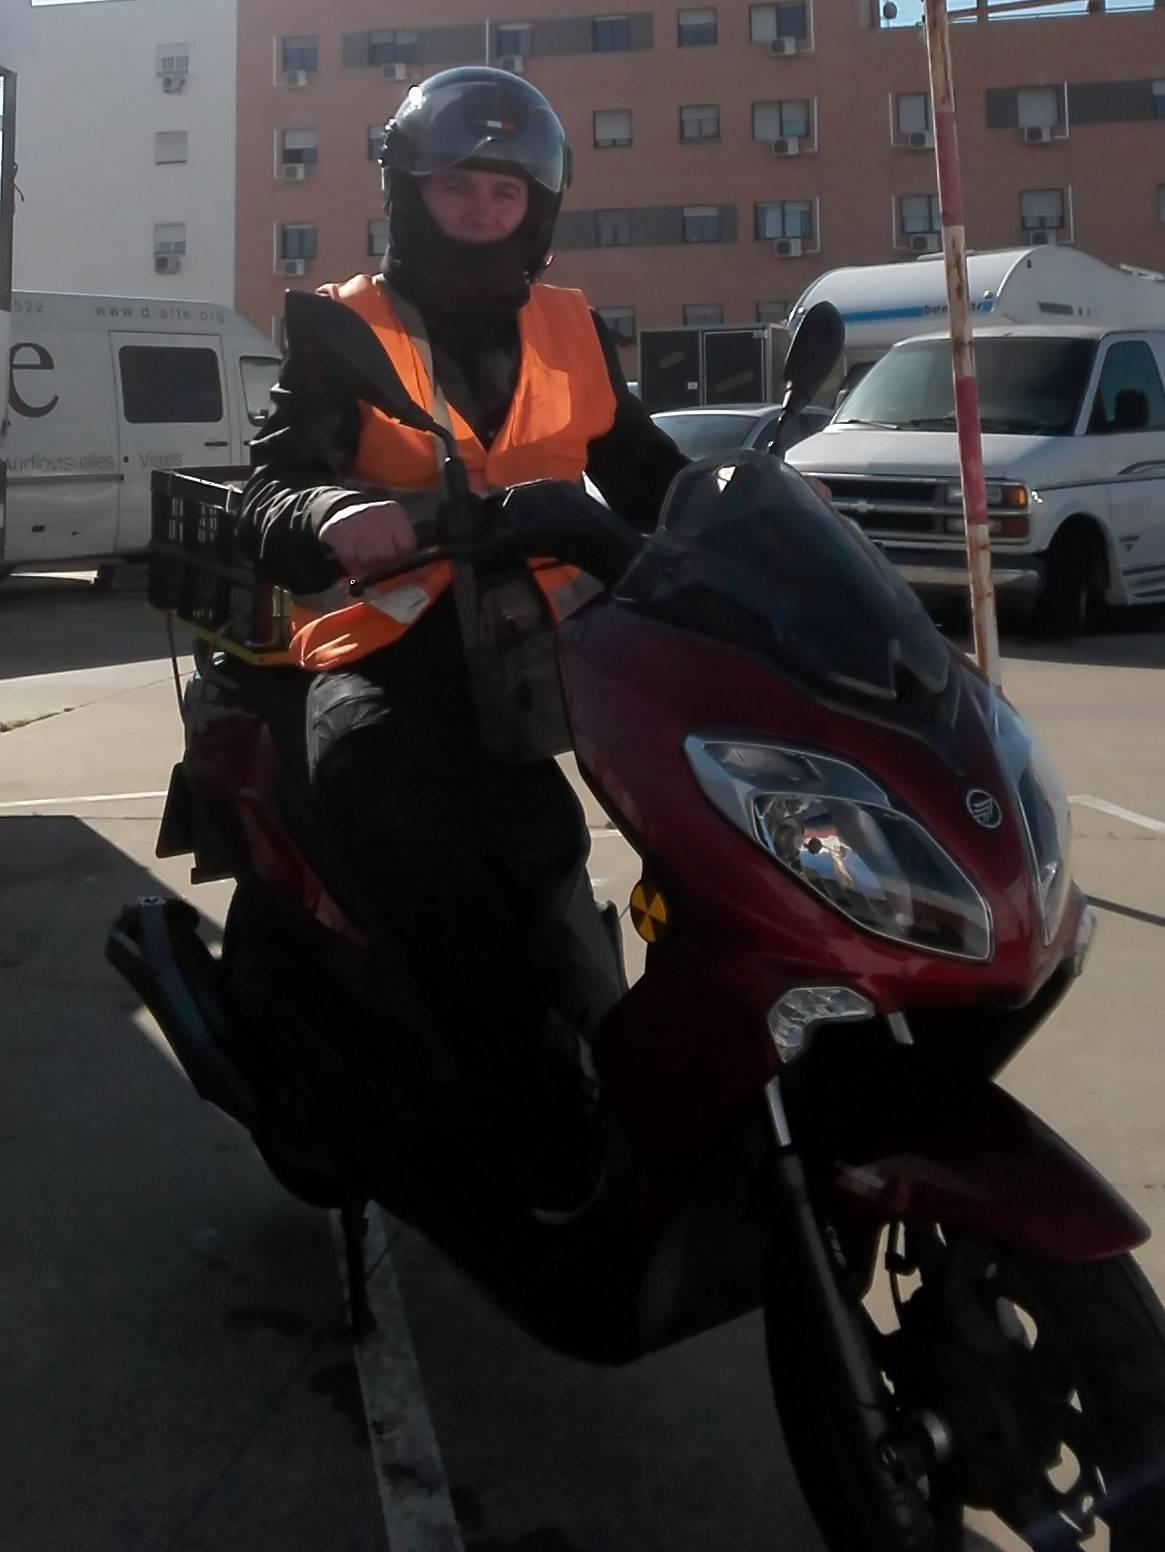 SE HACEN REPARTOS A DOMICILIO EN MOTO, BARATO Y RAPIDO PARA SEVILLA  - Foto 2